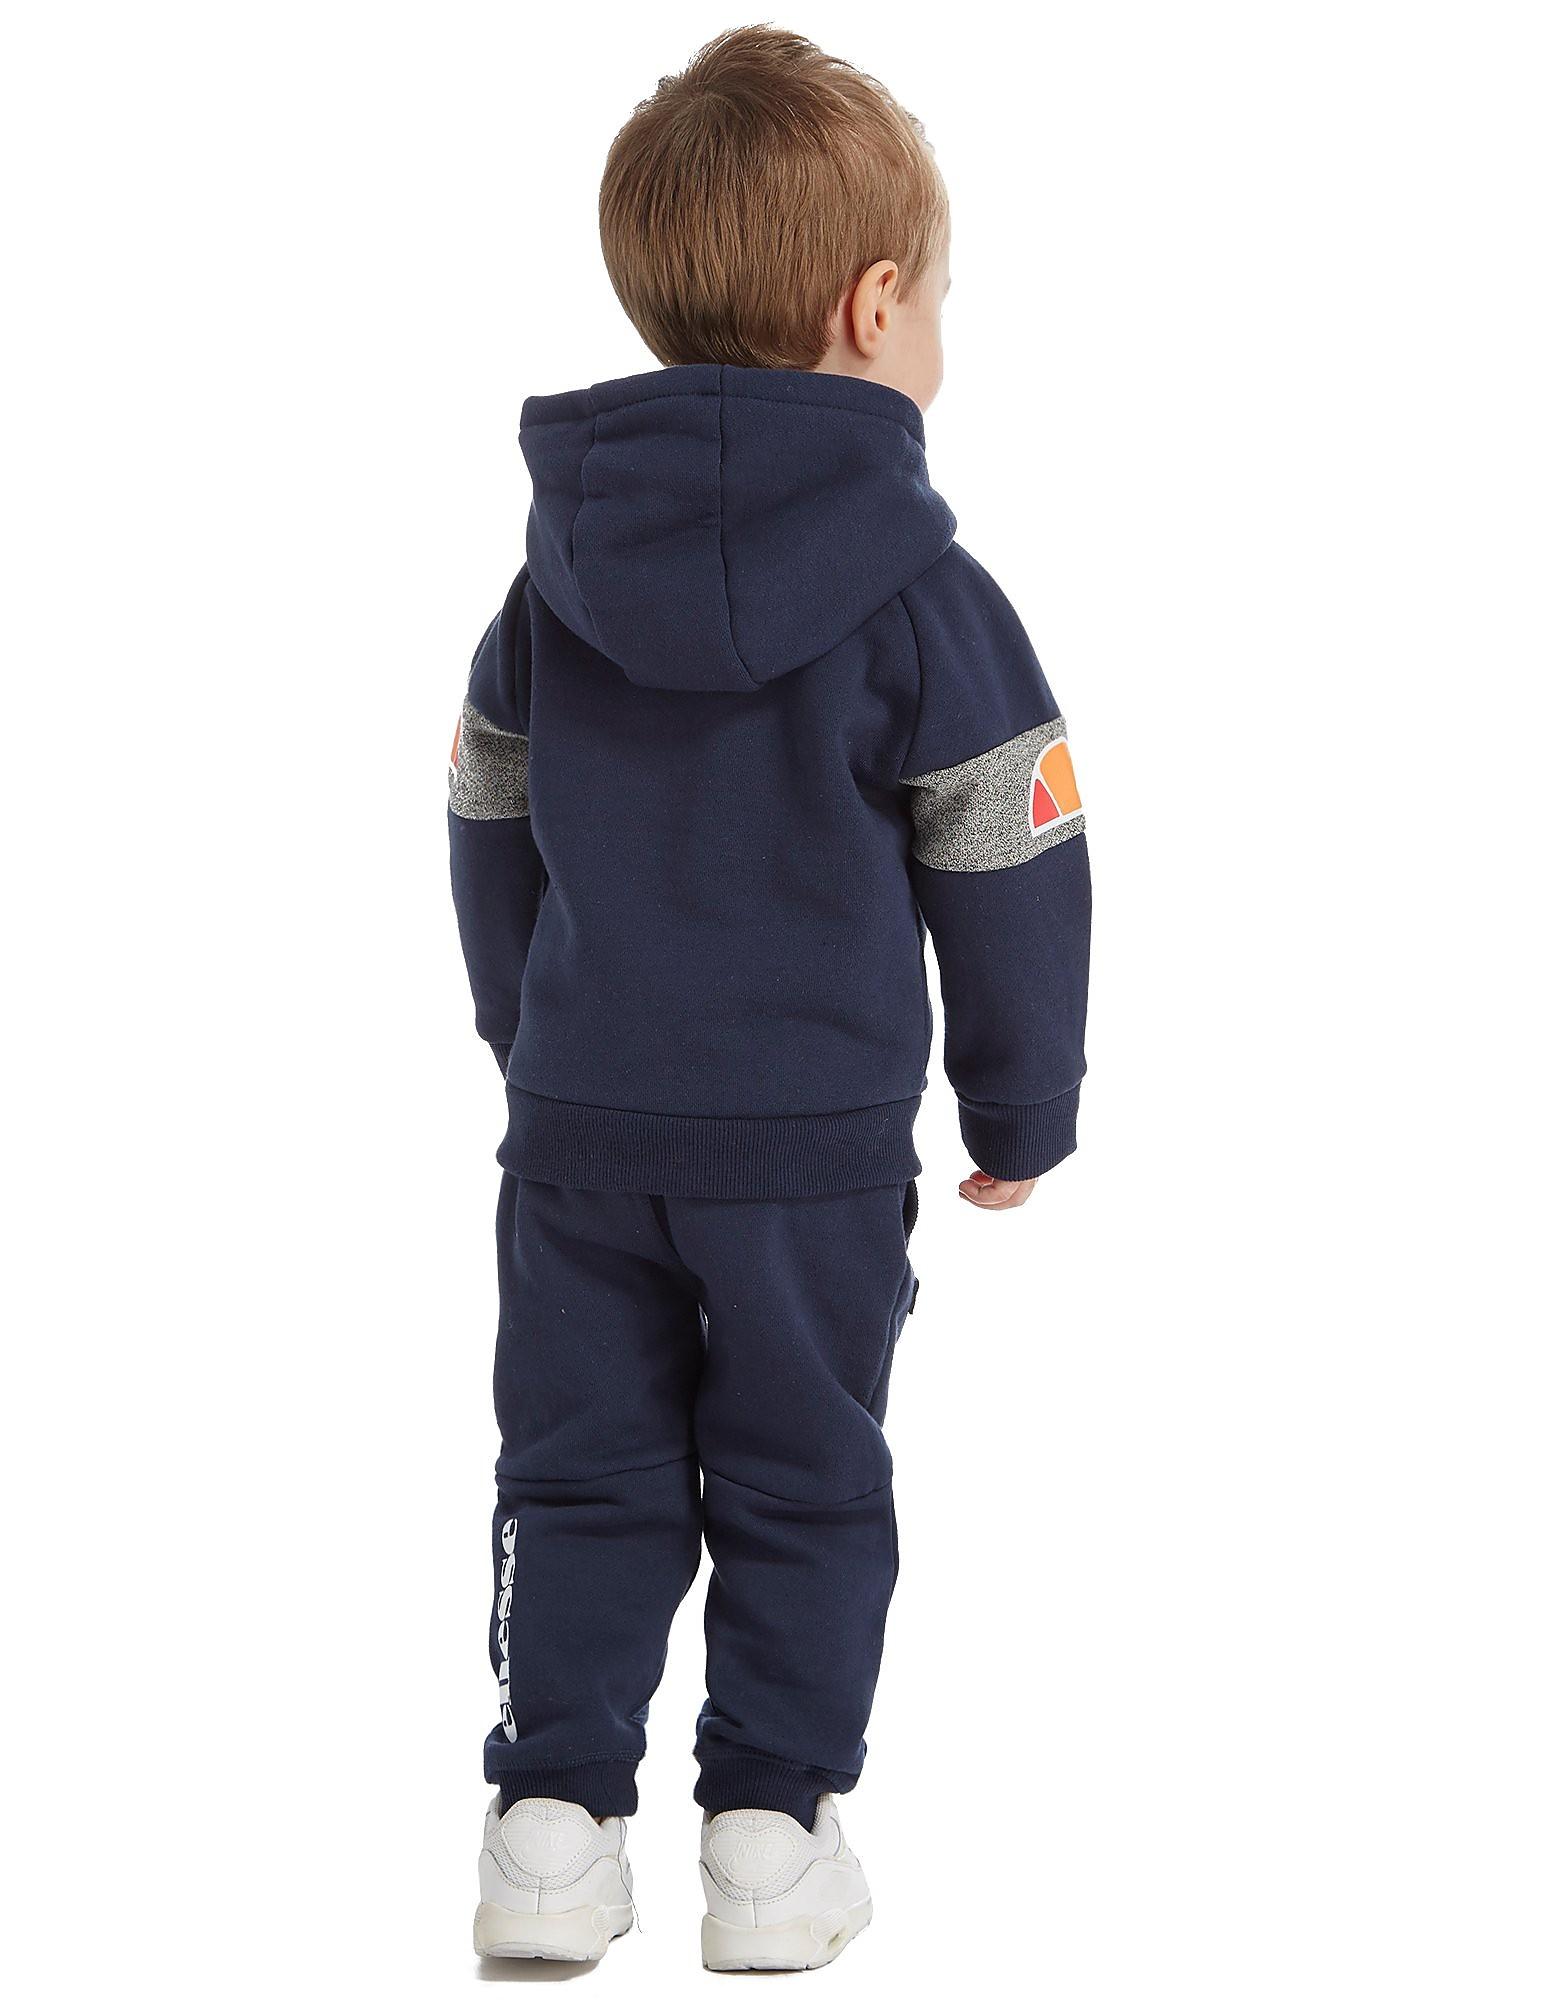 Ellesse Prozolo 1/4 Zip Tracksuit Infant